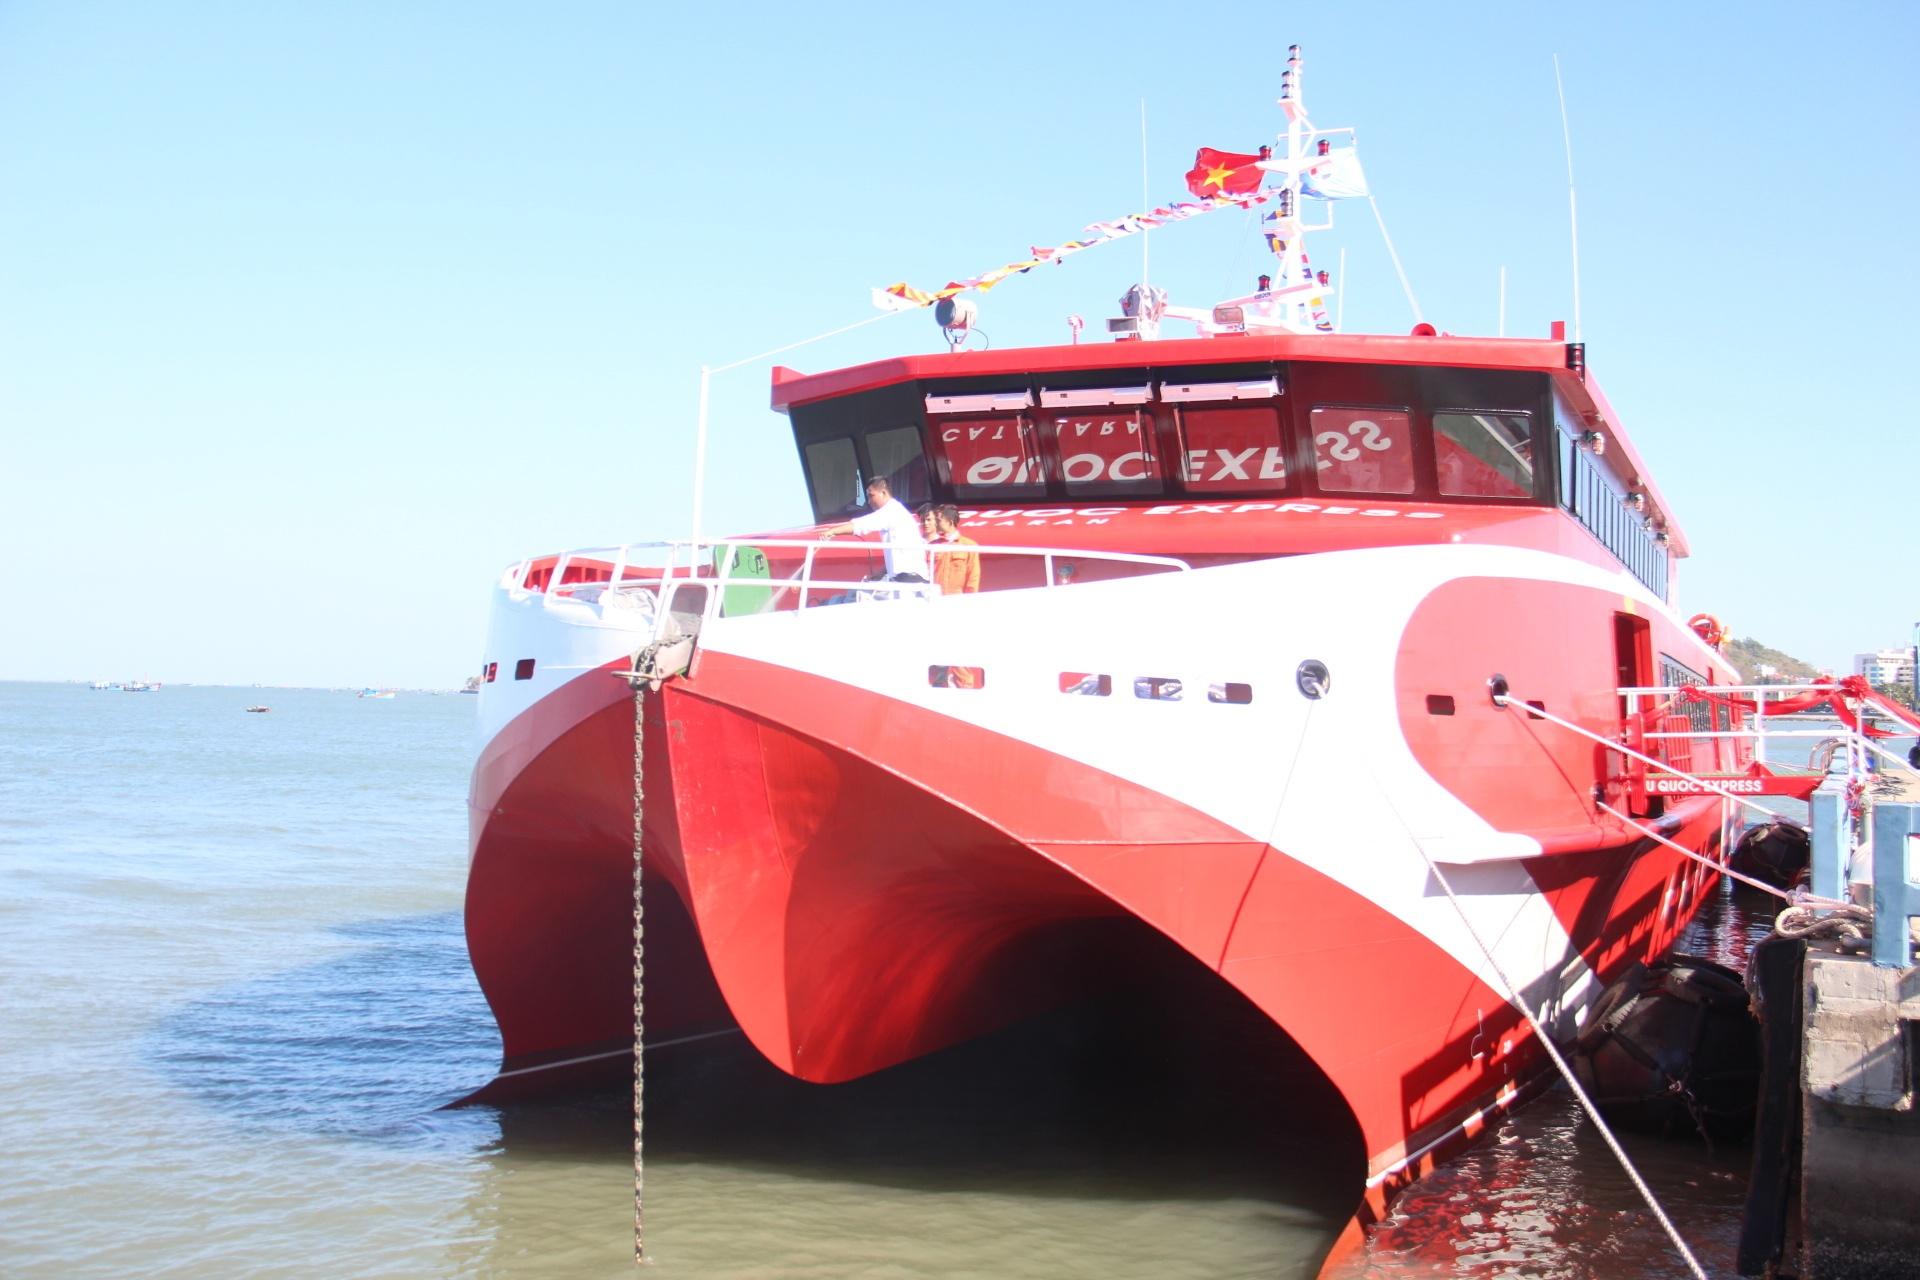 Bắt đầu khai thác tuyến tàu cao tốc Vũng Tàu - Côn Đảo Ảnh 1